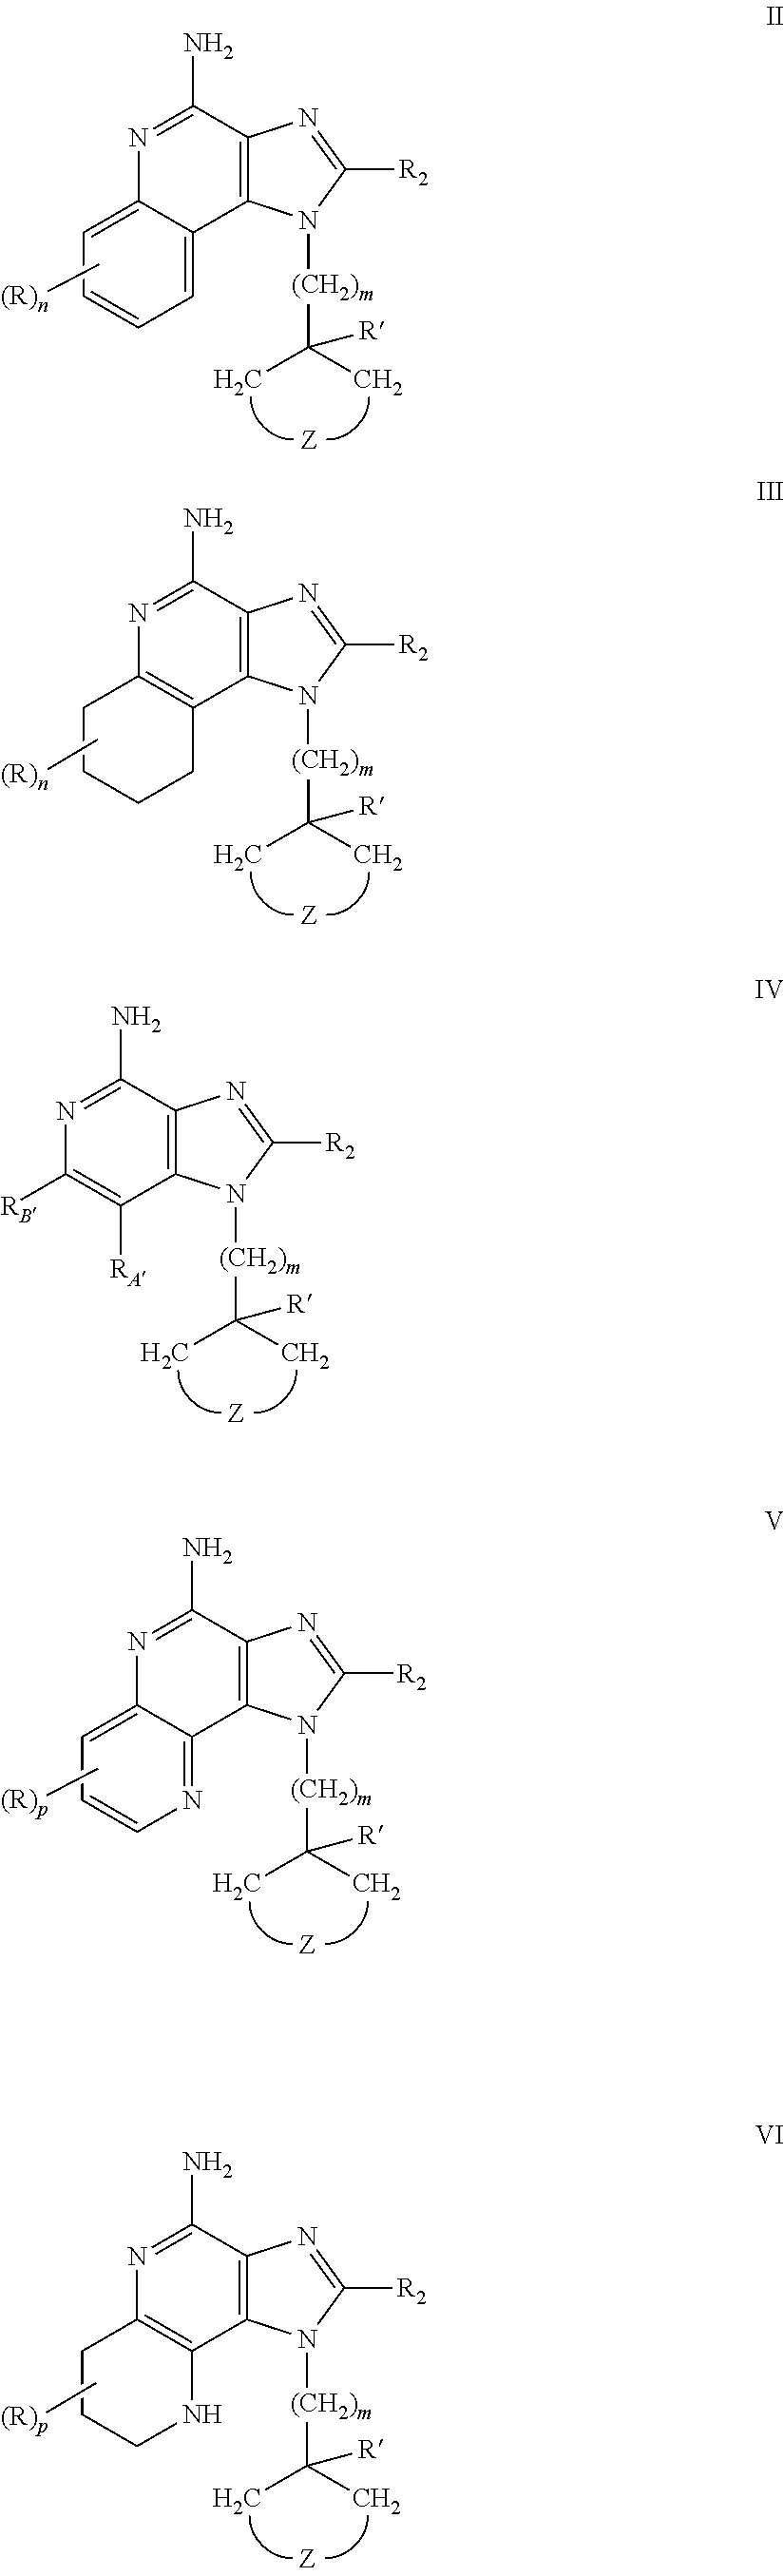 Figure US09938275-20180410-C00003